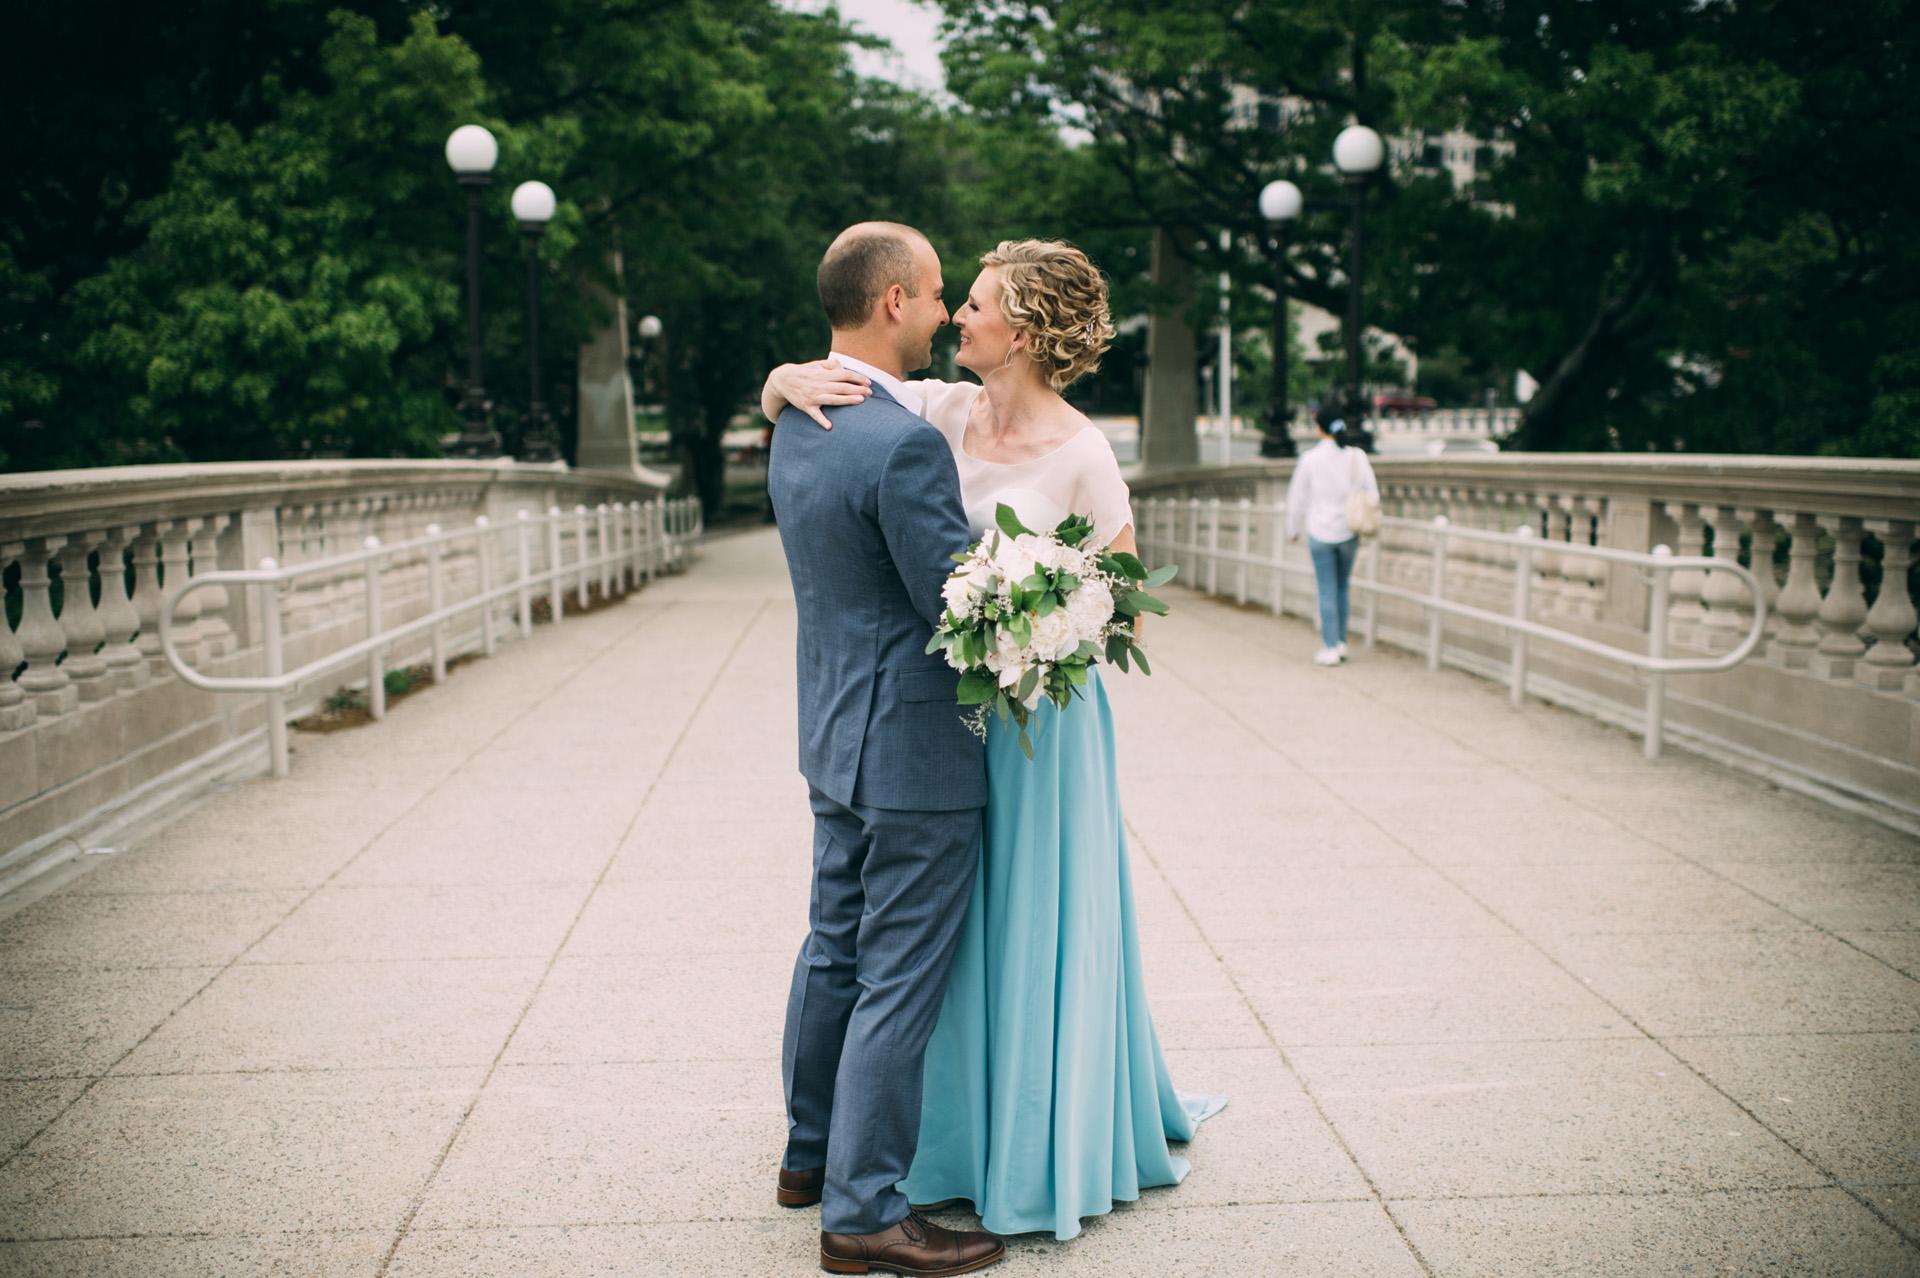 alden-harlow-wedding-photographer-16